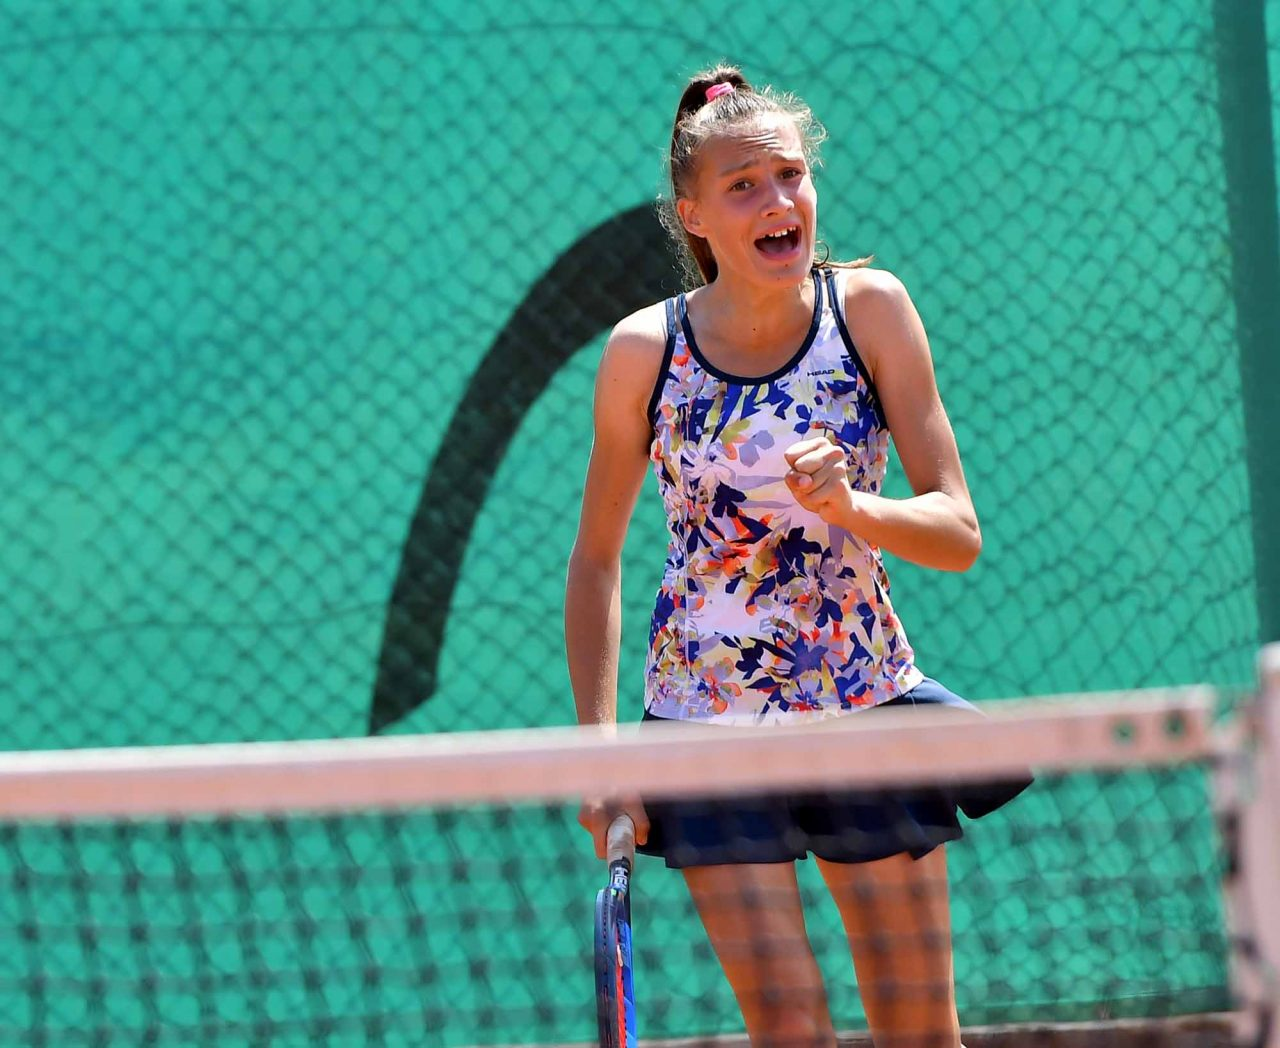 Държавно първенство тенис до 14 год. ТК 15-40 финал (36)